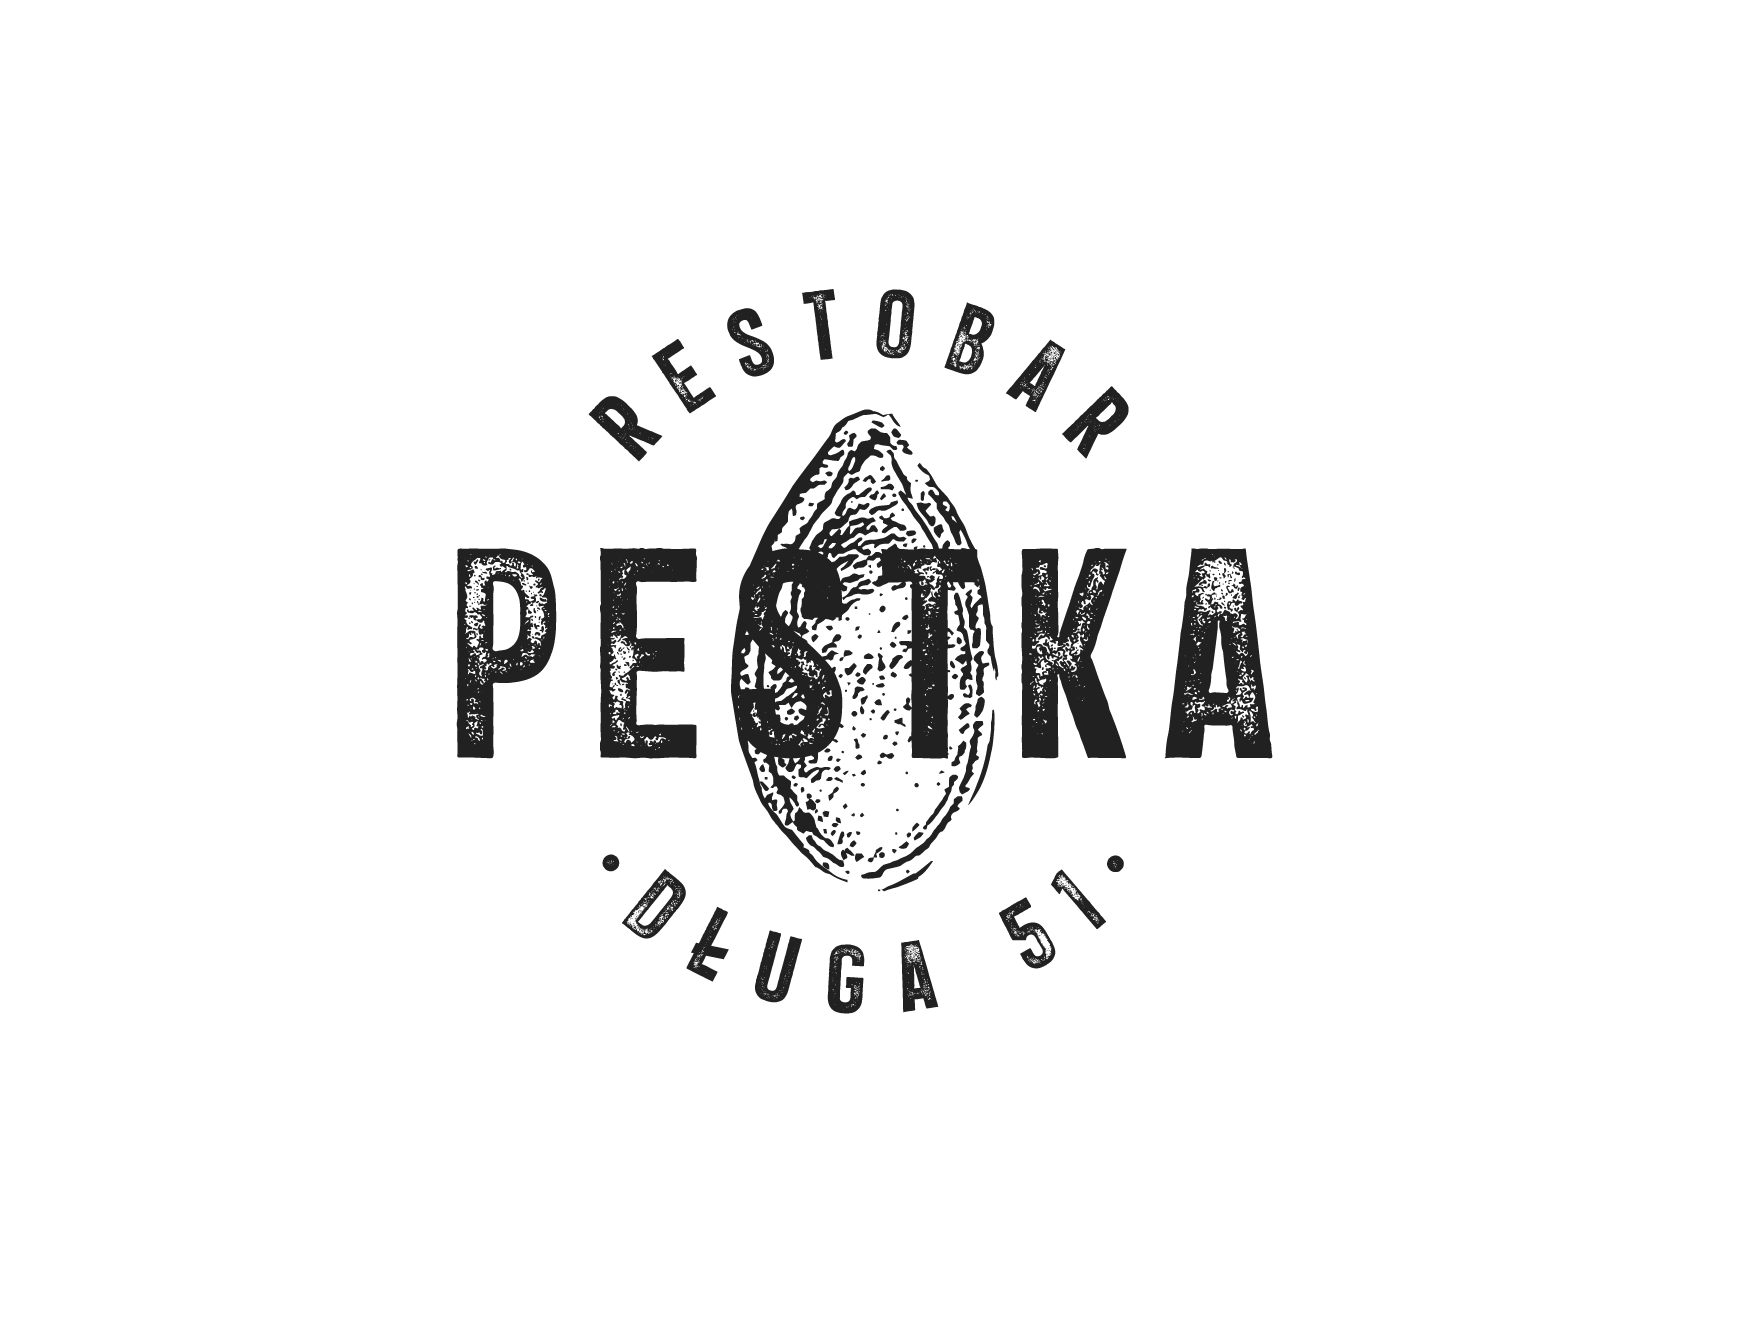 Pestka